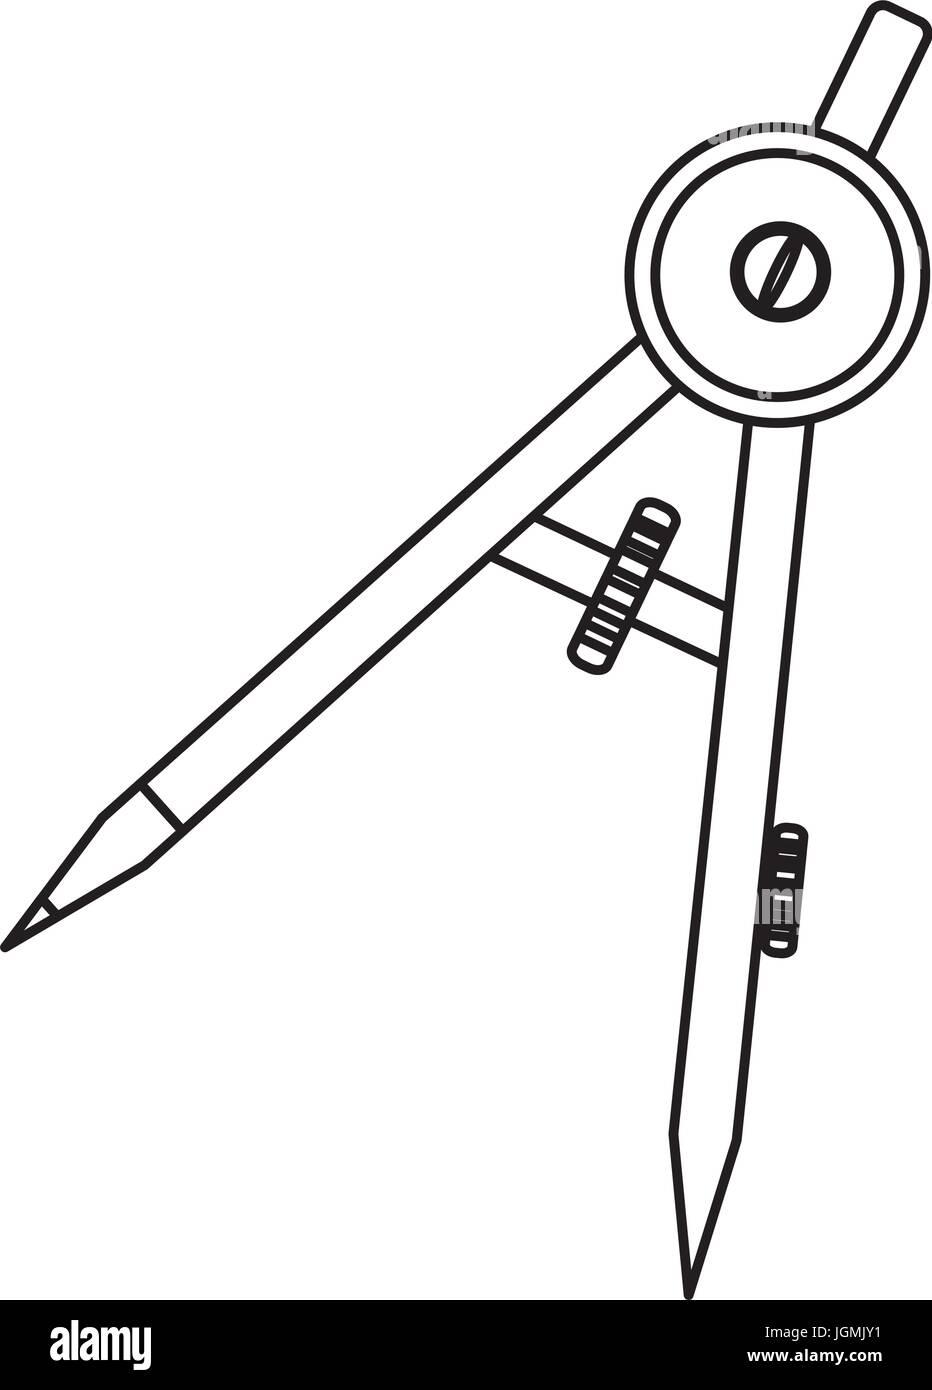 Compass geometry utensil - Stock Image